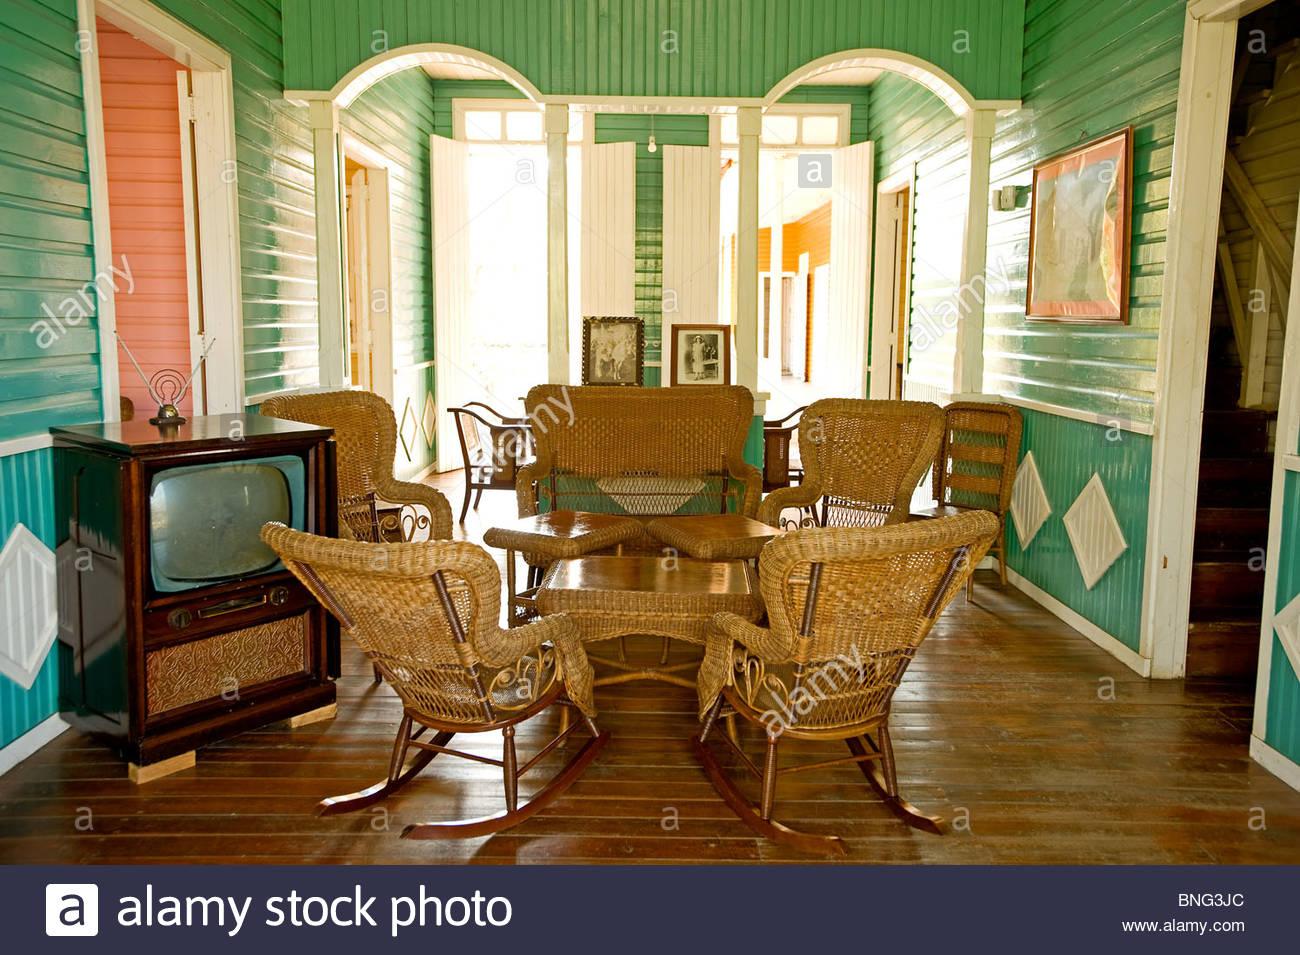 Weiler, die zu der Familie, wo Fidel Castro geboren wurde; hier sein Haus und die Wohnzimmer. Saint-arailles, Provinz Stockbild